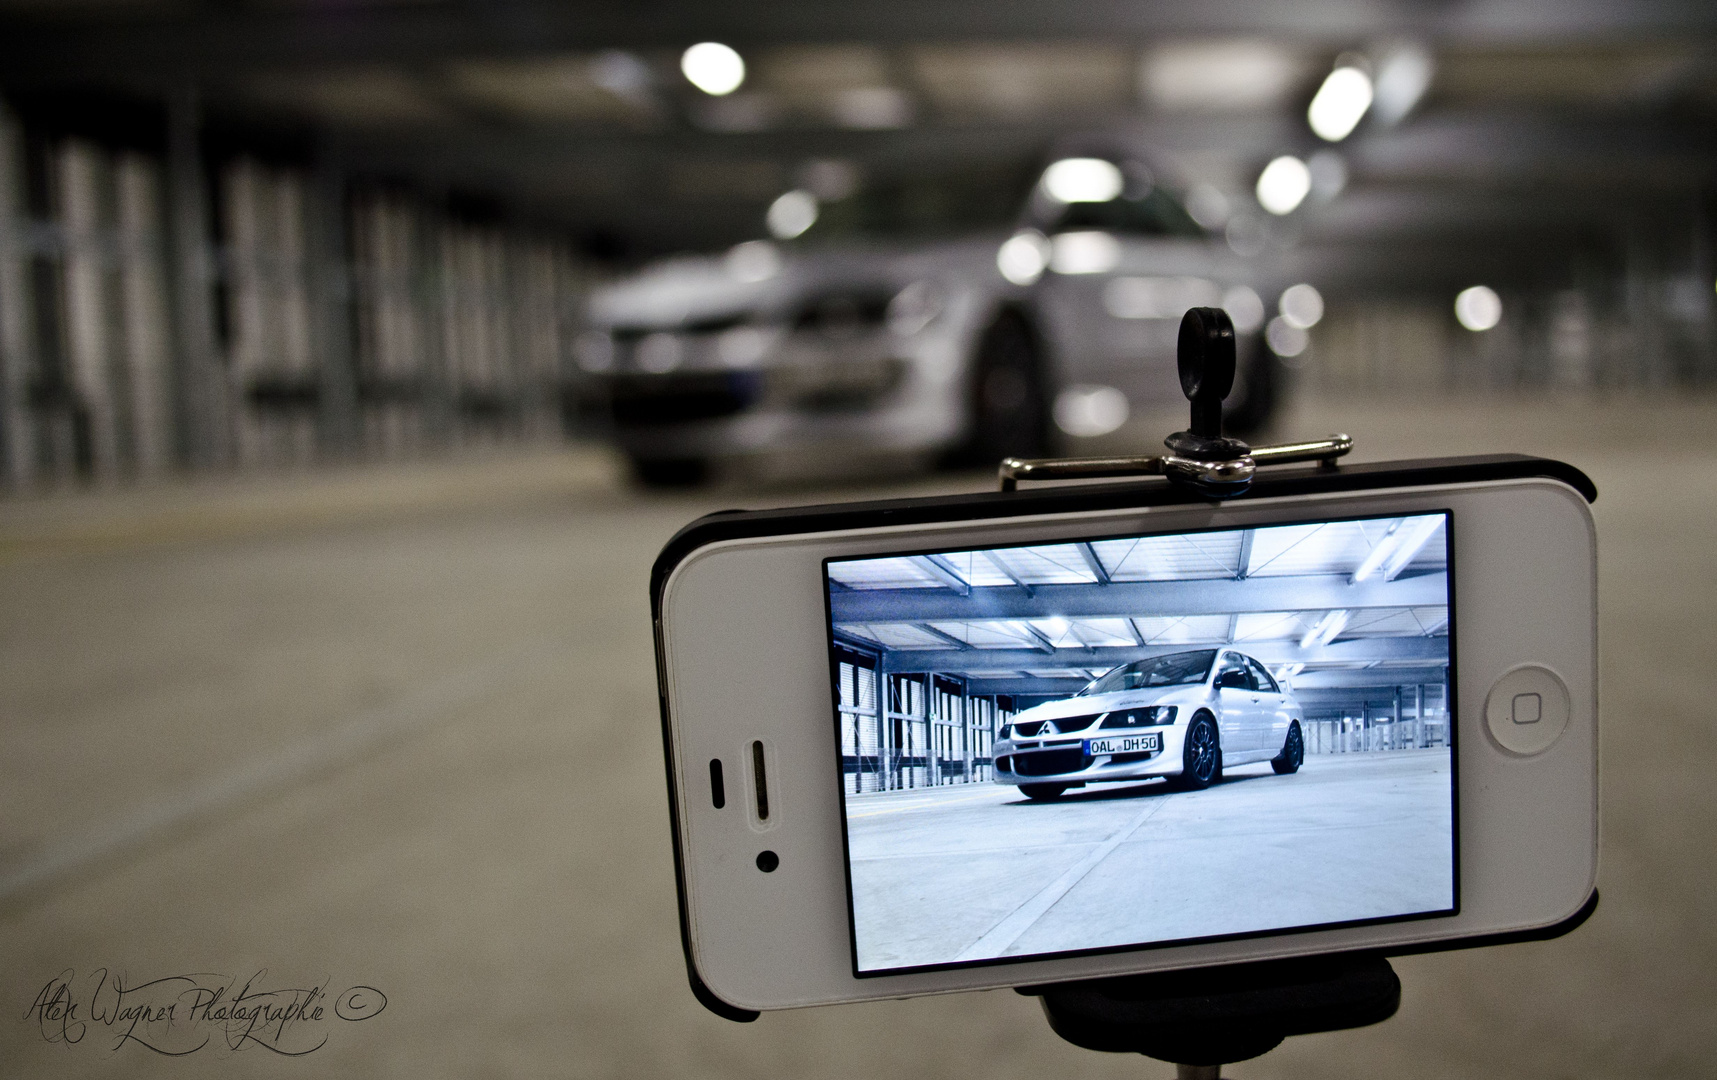 Mitsubishi evo 8 iphone edition